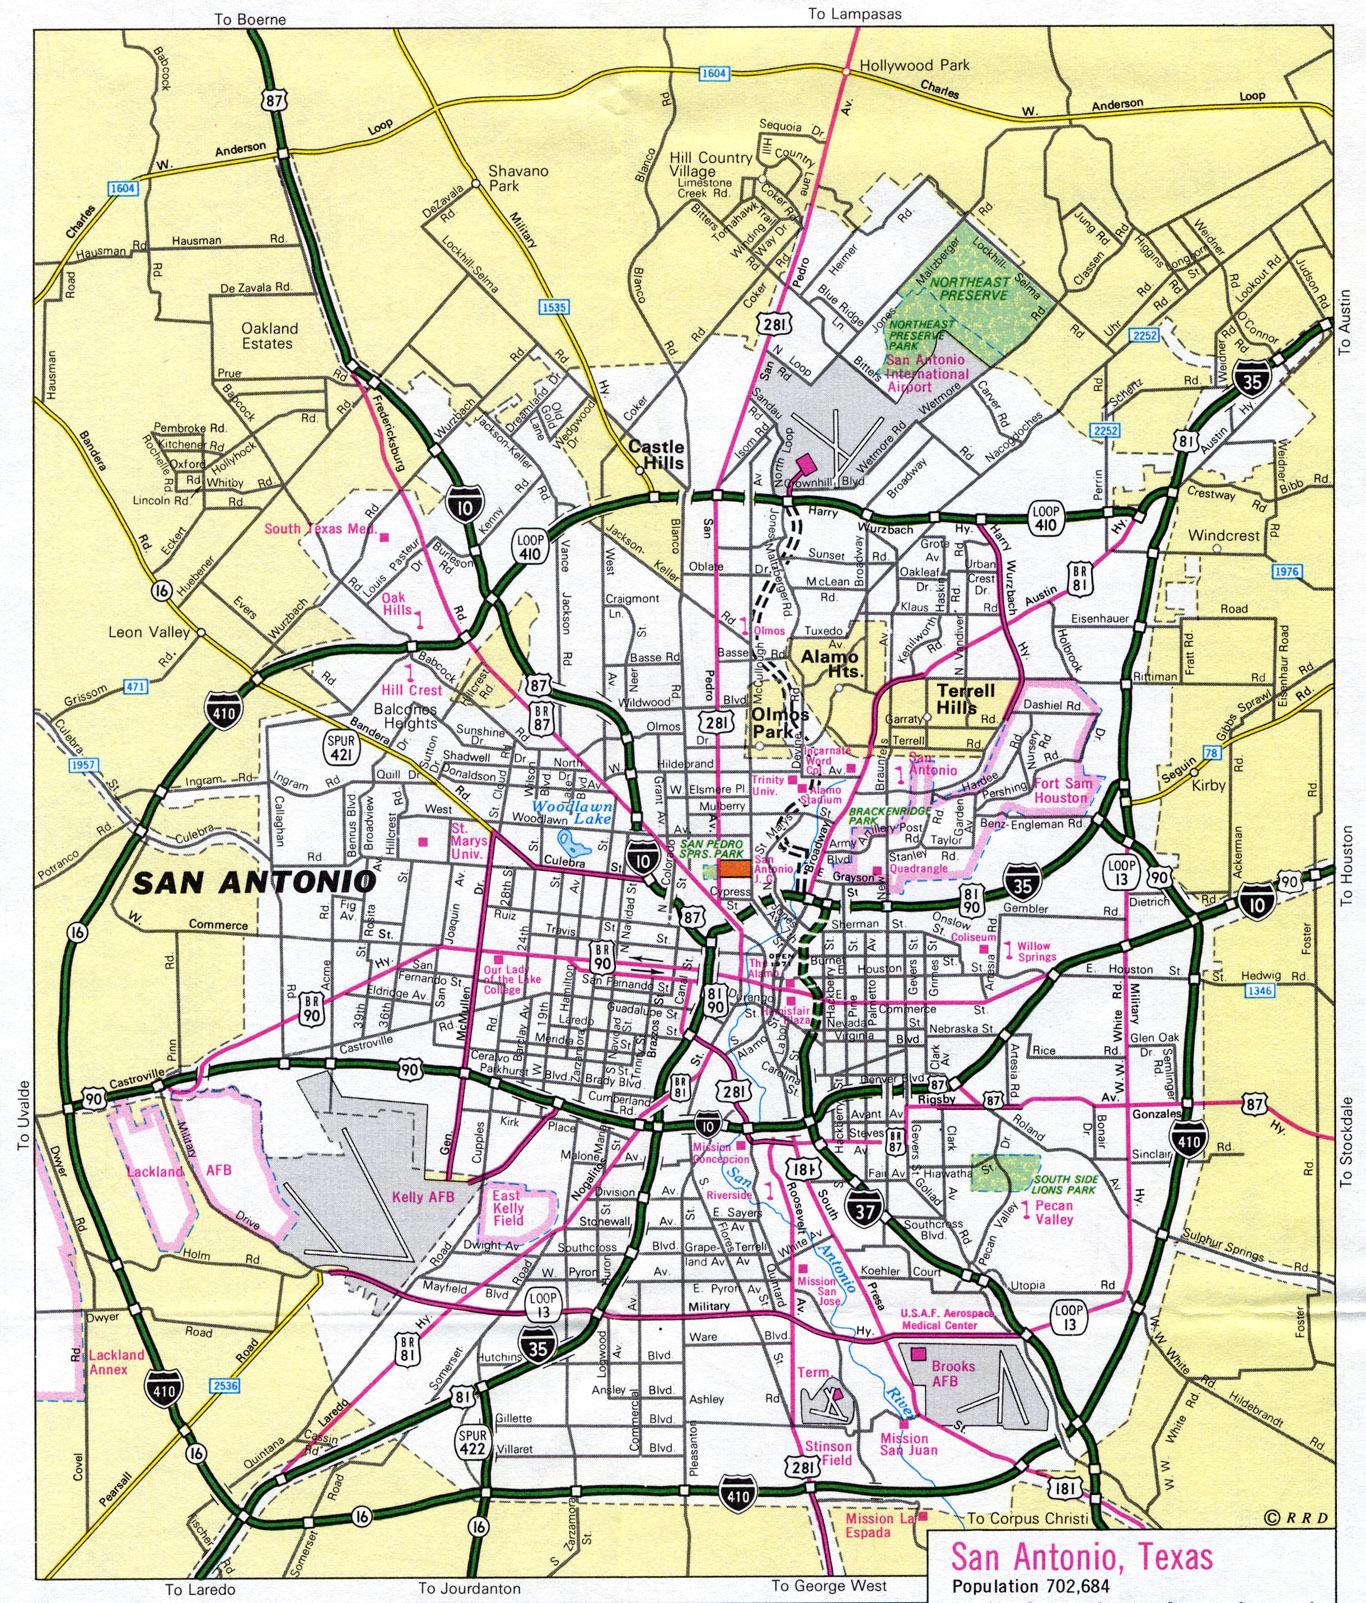 San Antonio Texas Tourist Map - San Antonio Texas • Mappery - San Antonio Texas Maps